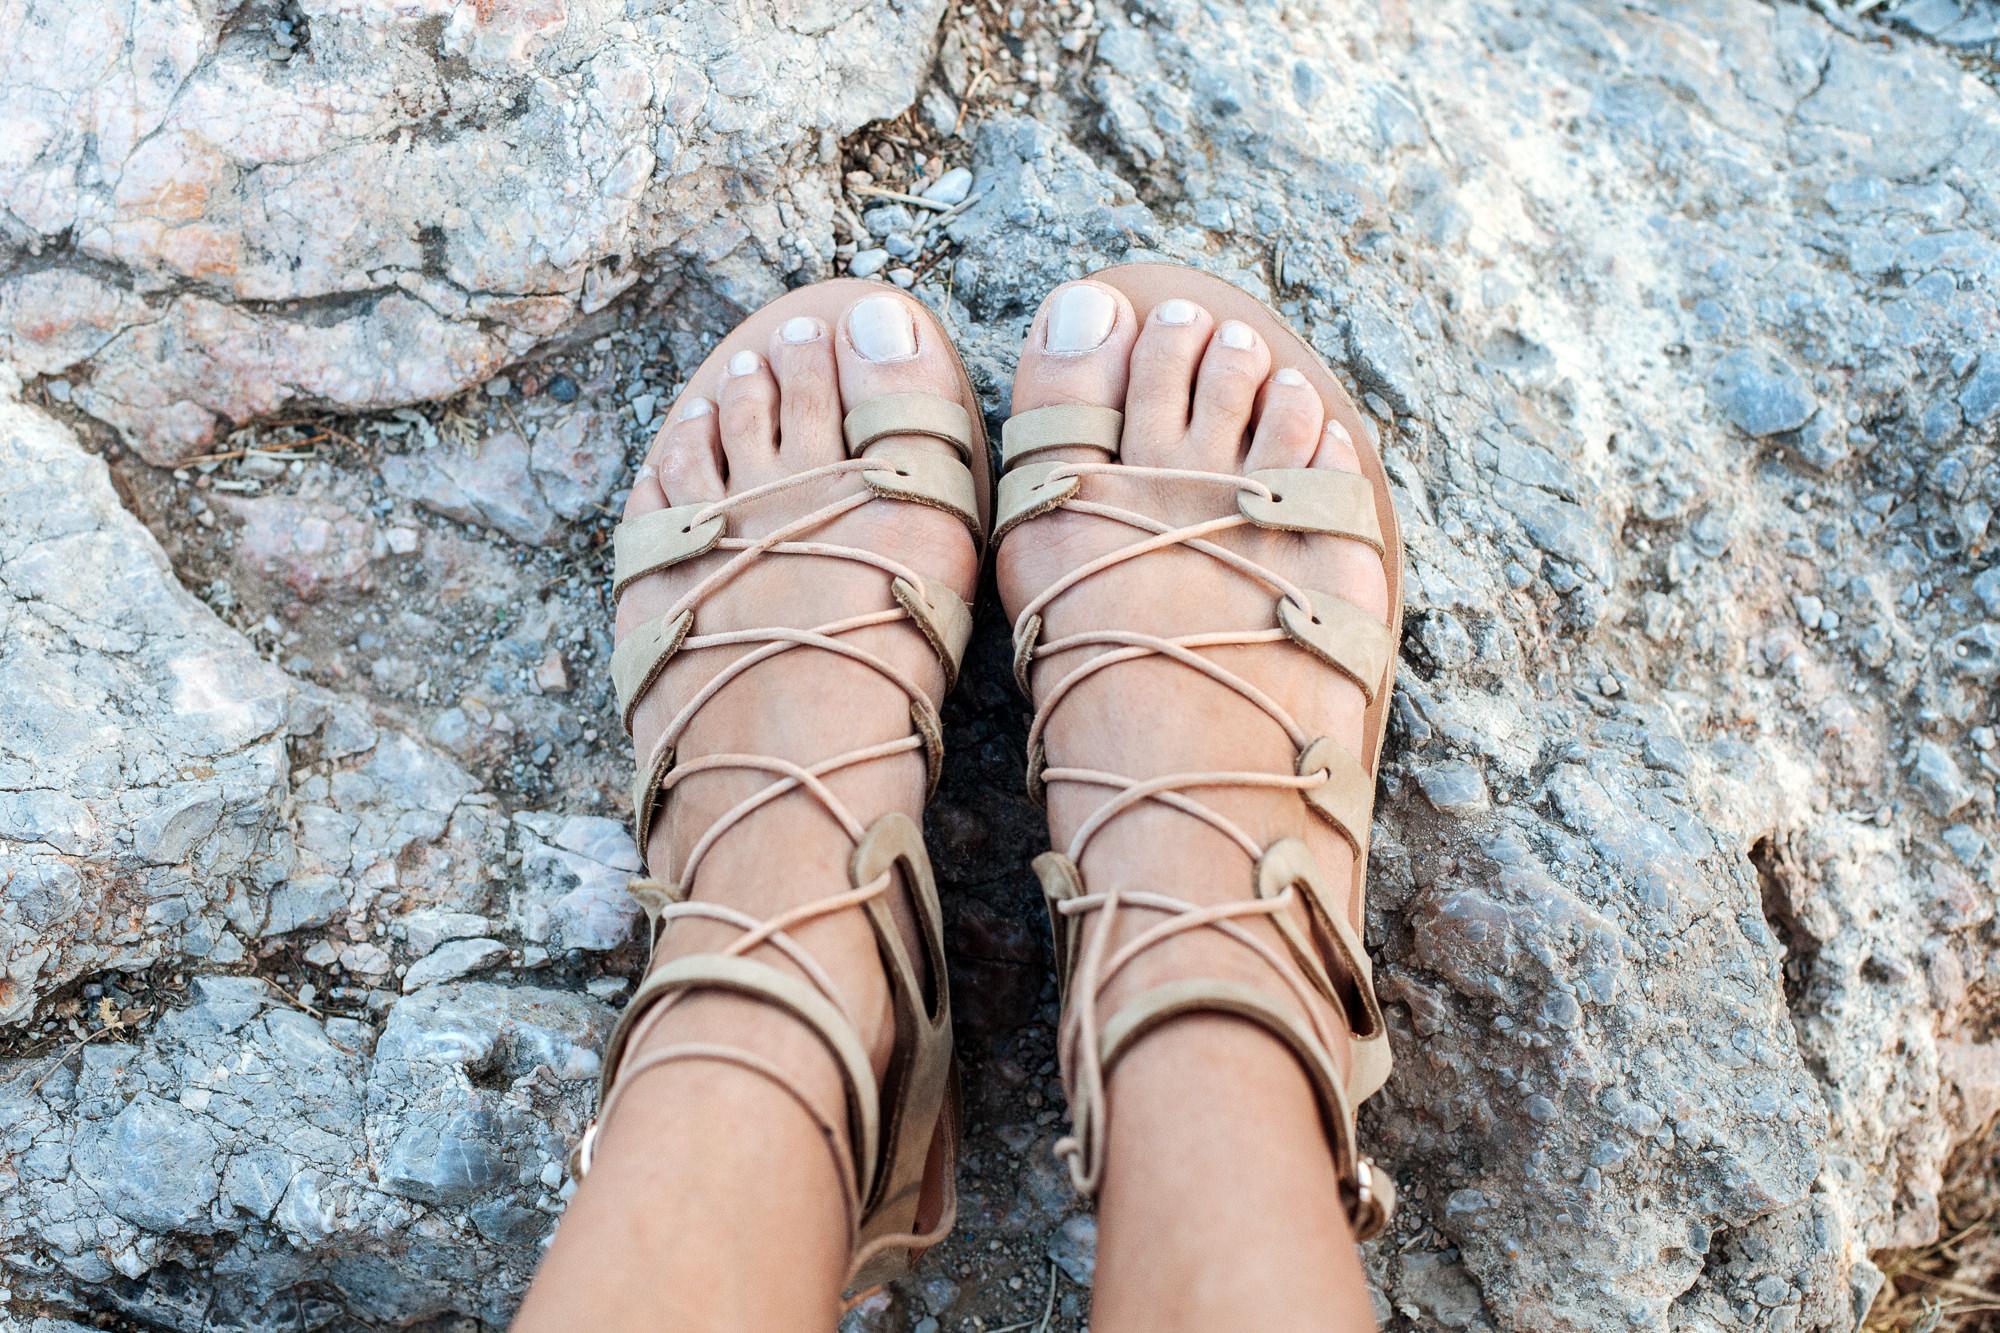 11e14e435d4 Τα σανδάλια που λατρέψαμε | elenifourli.com